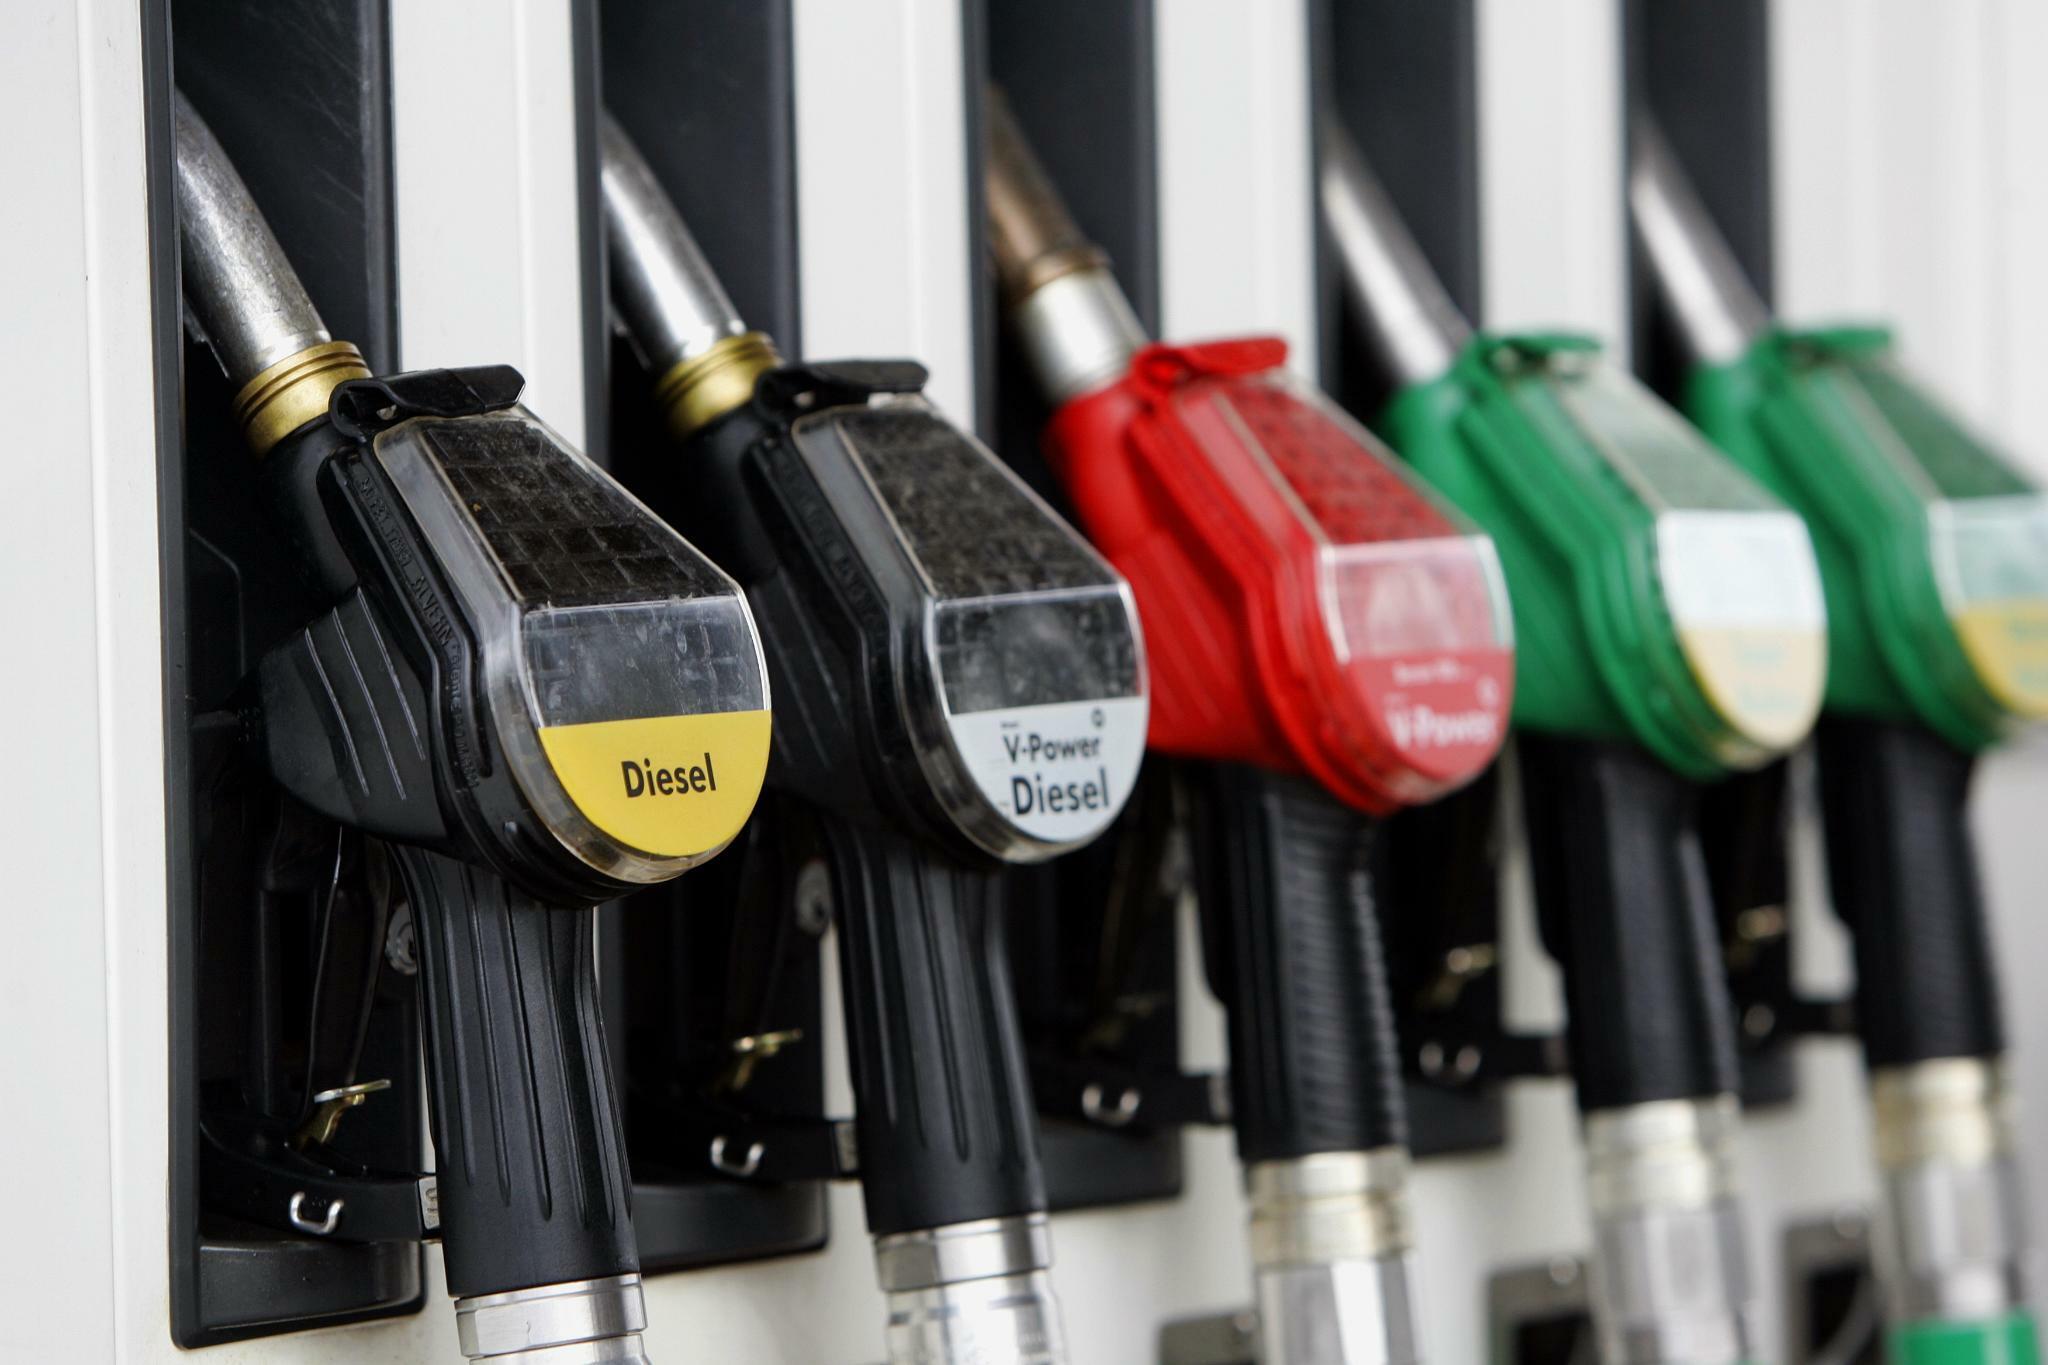 Ölreserven: Bund macht Millionen-Gewinne mit Notverkauf